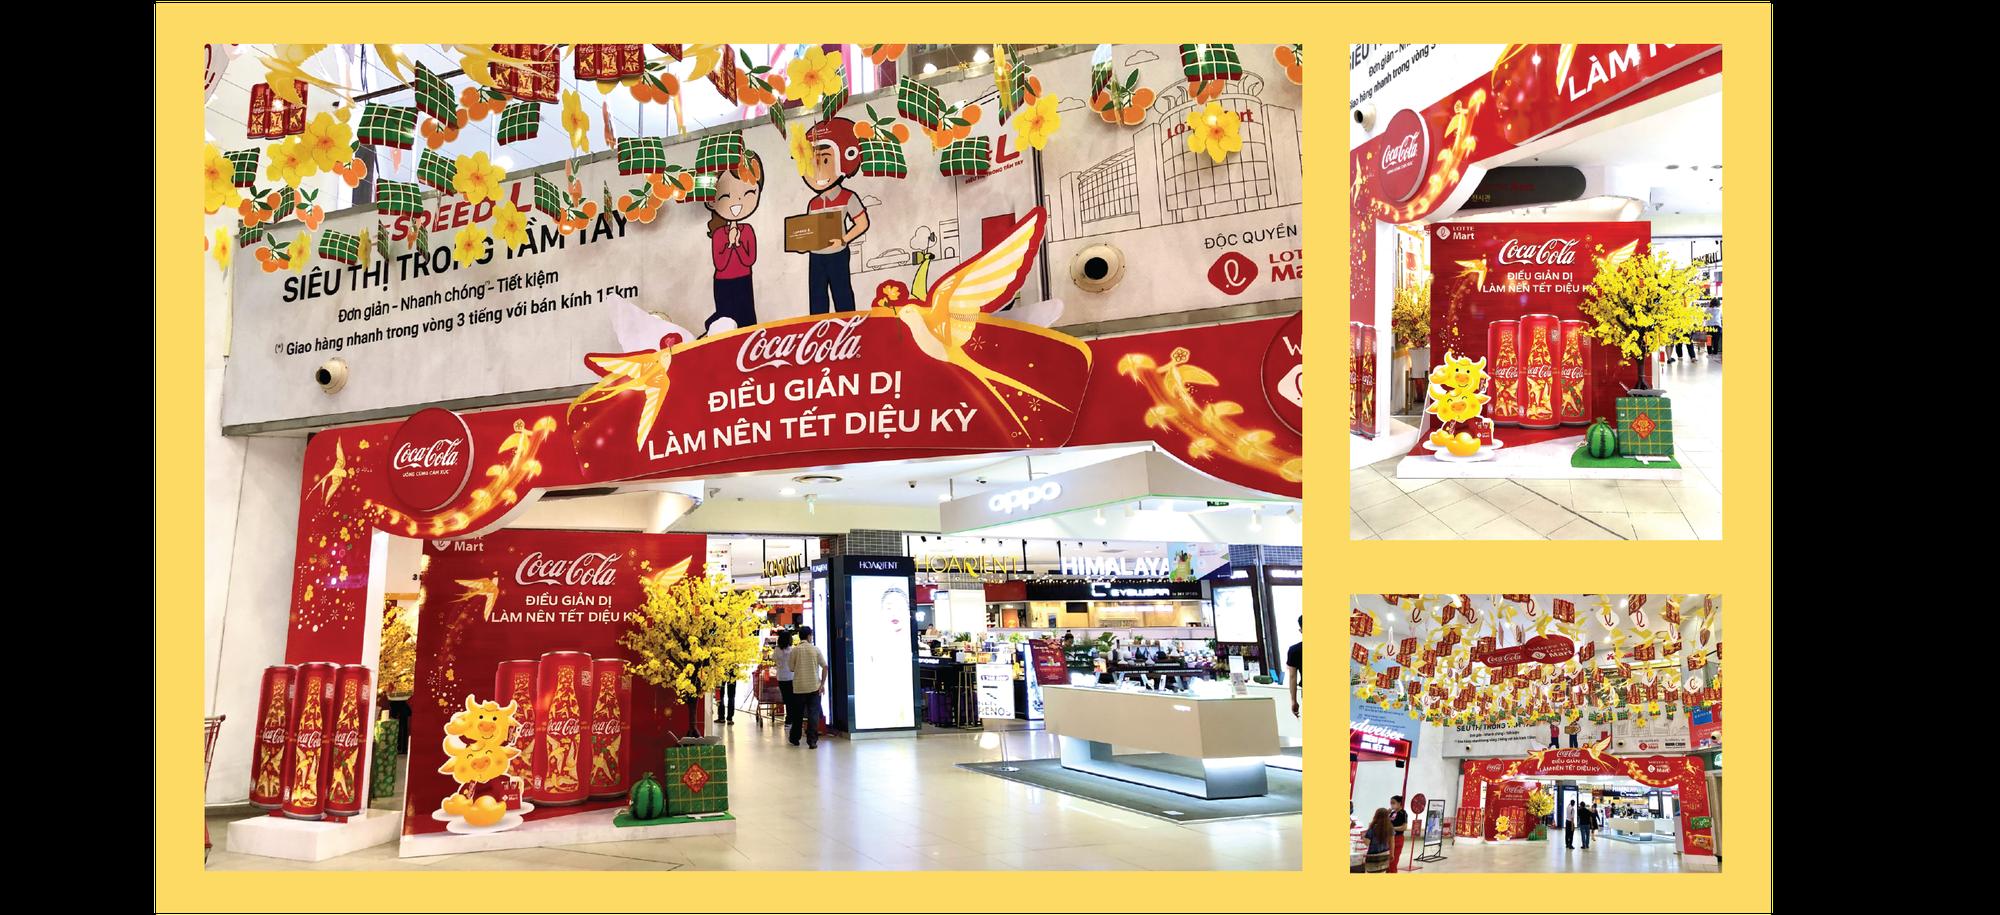 Én vàng, sắc đỏ và hành trình lan toả Tết diệu kỳ của Coca-cola sau năm nhiều biến động - Ảnh 4.